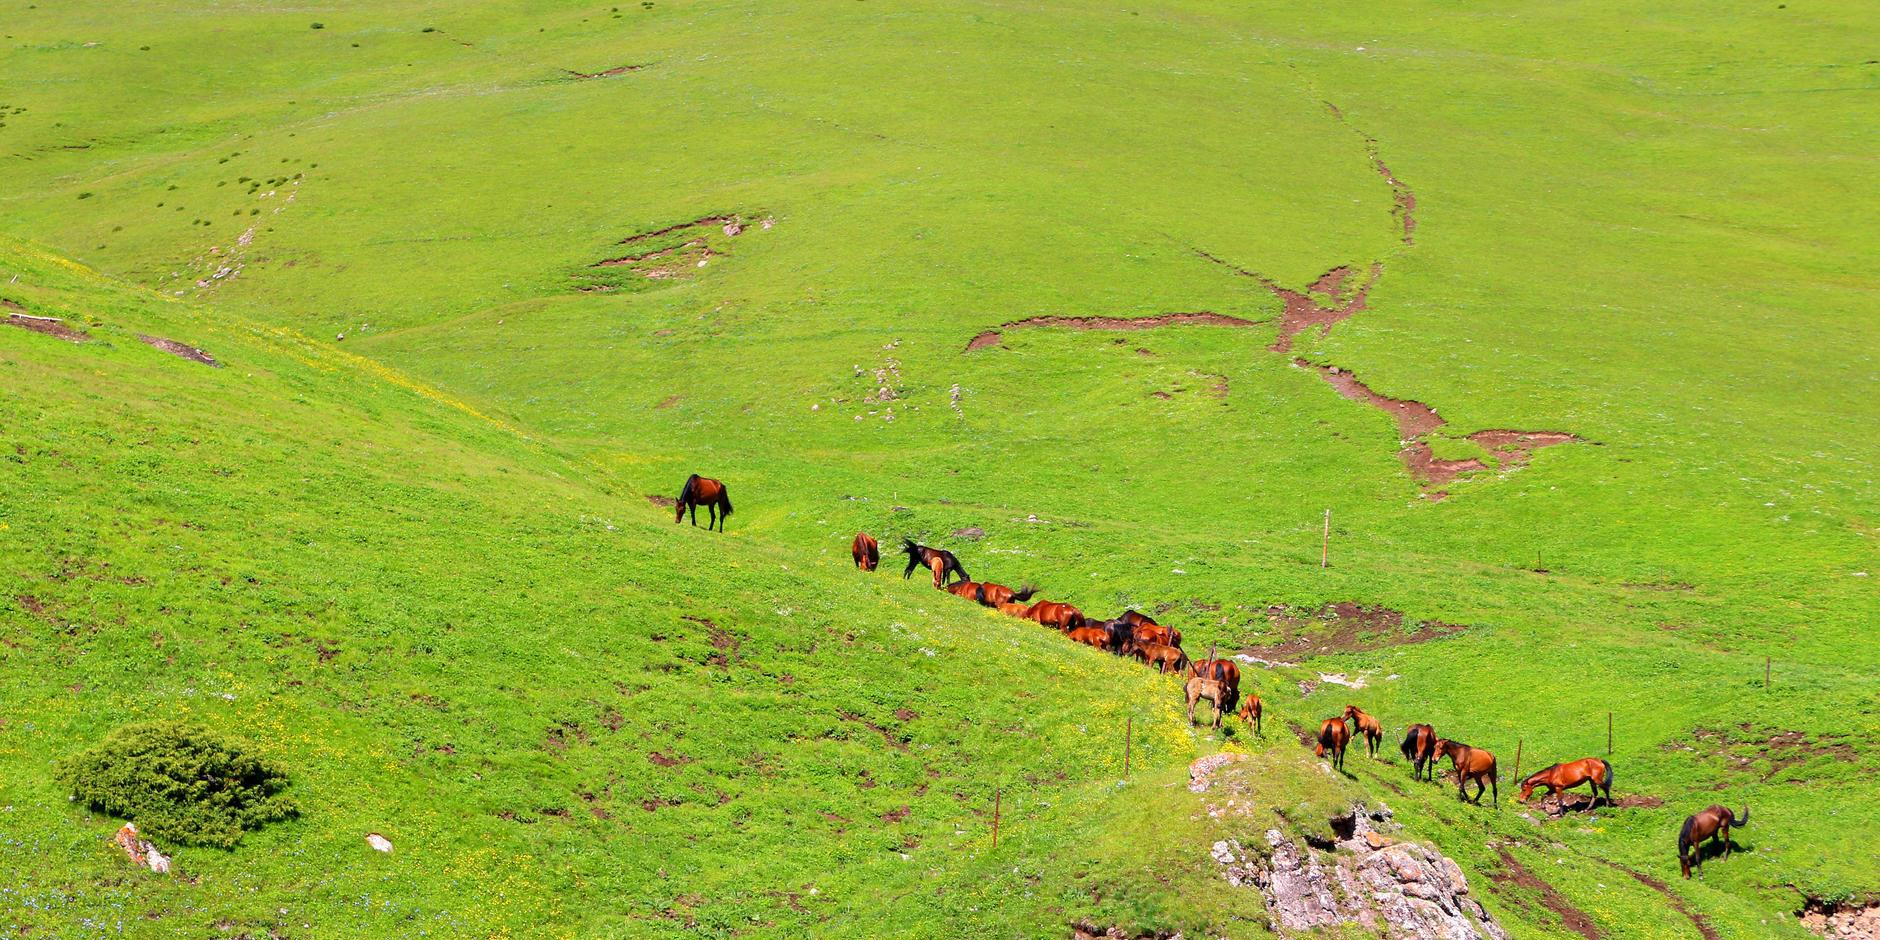 经过伊昭公路遇到转场牧民和高山牧场